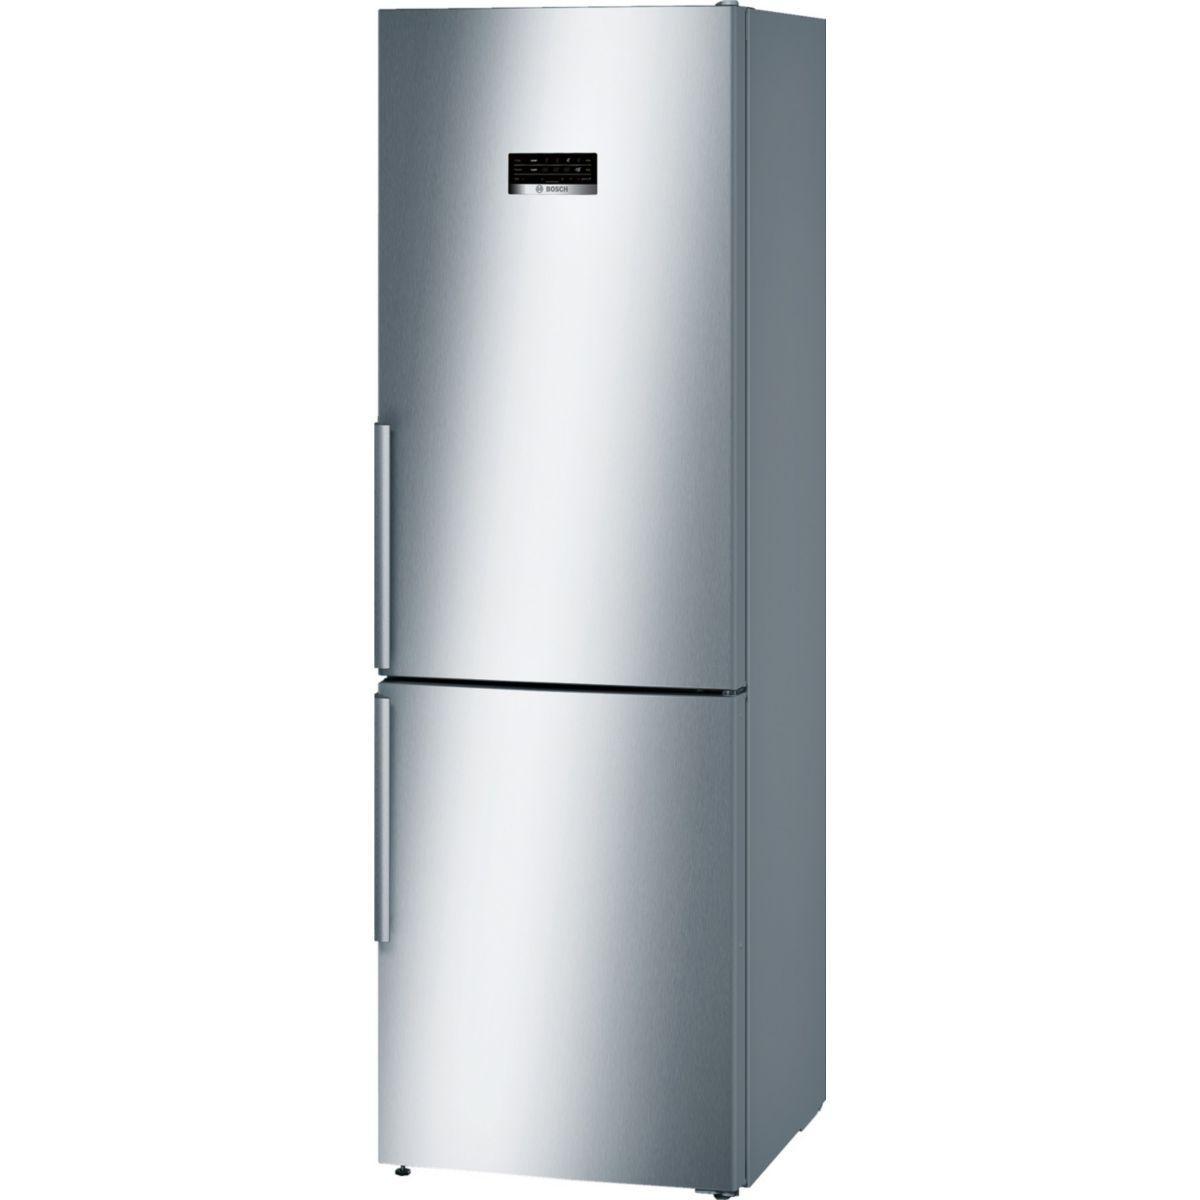 Réfrigérateur congélateur en bas bosch ex kgn36xl35 - notre selection (photo)